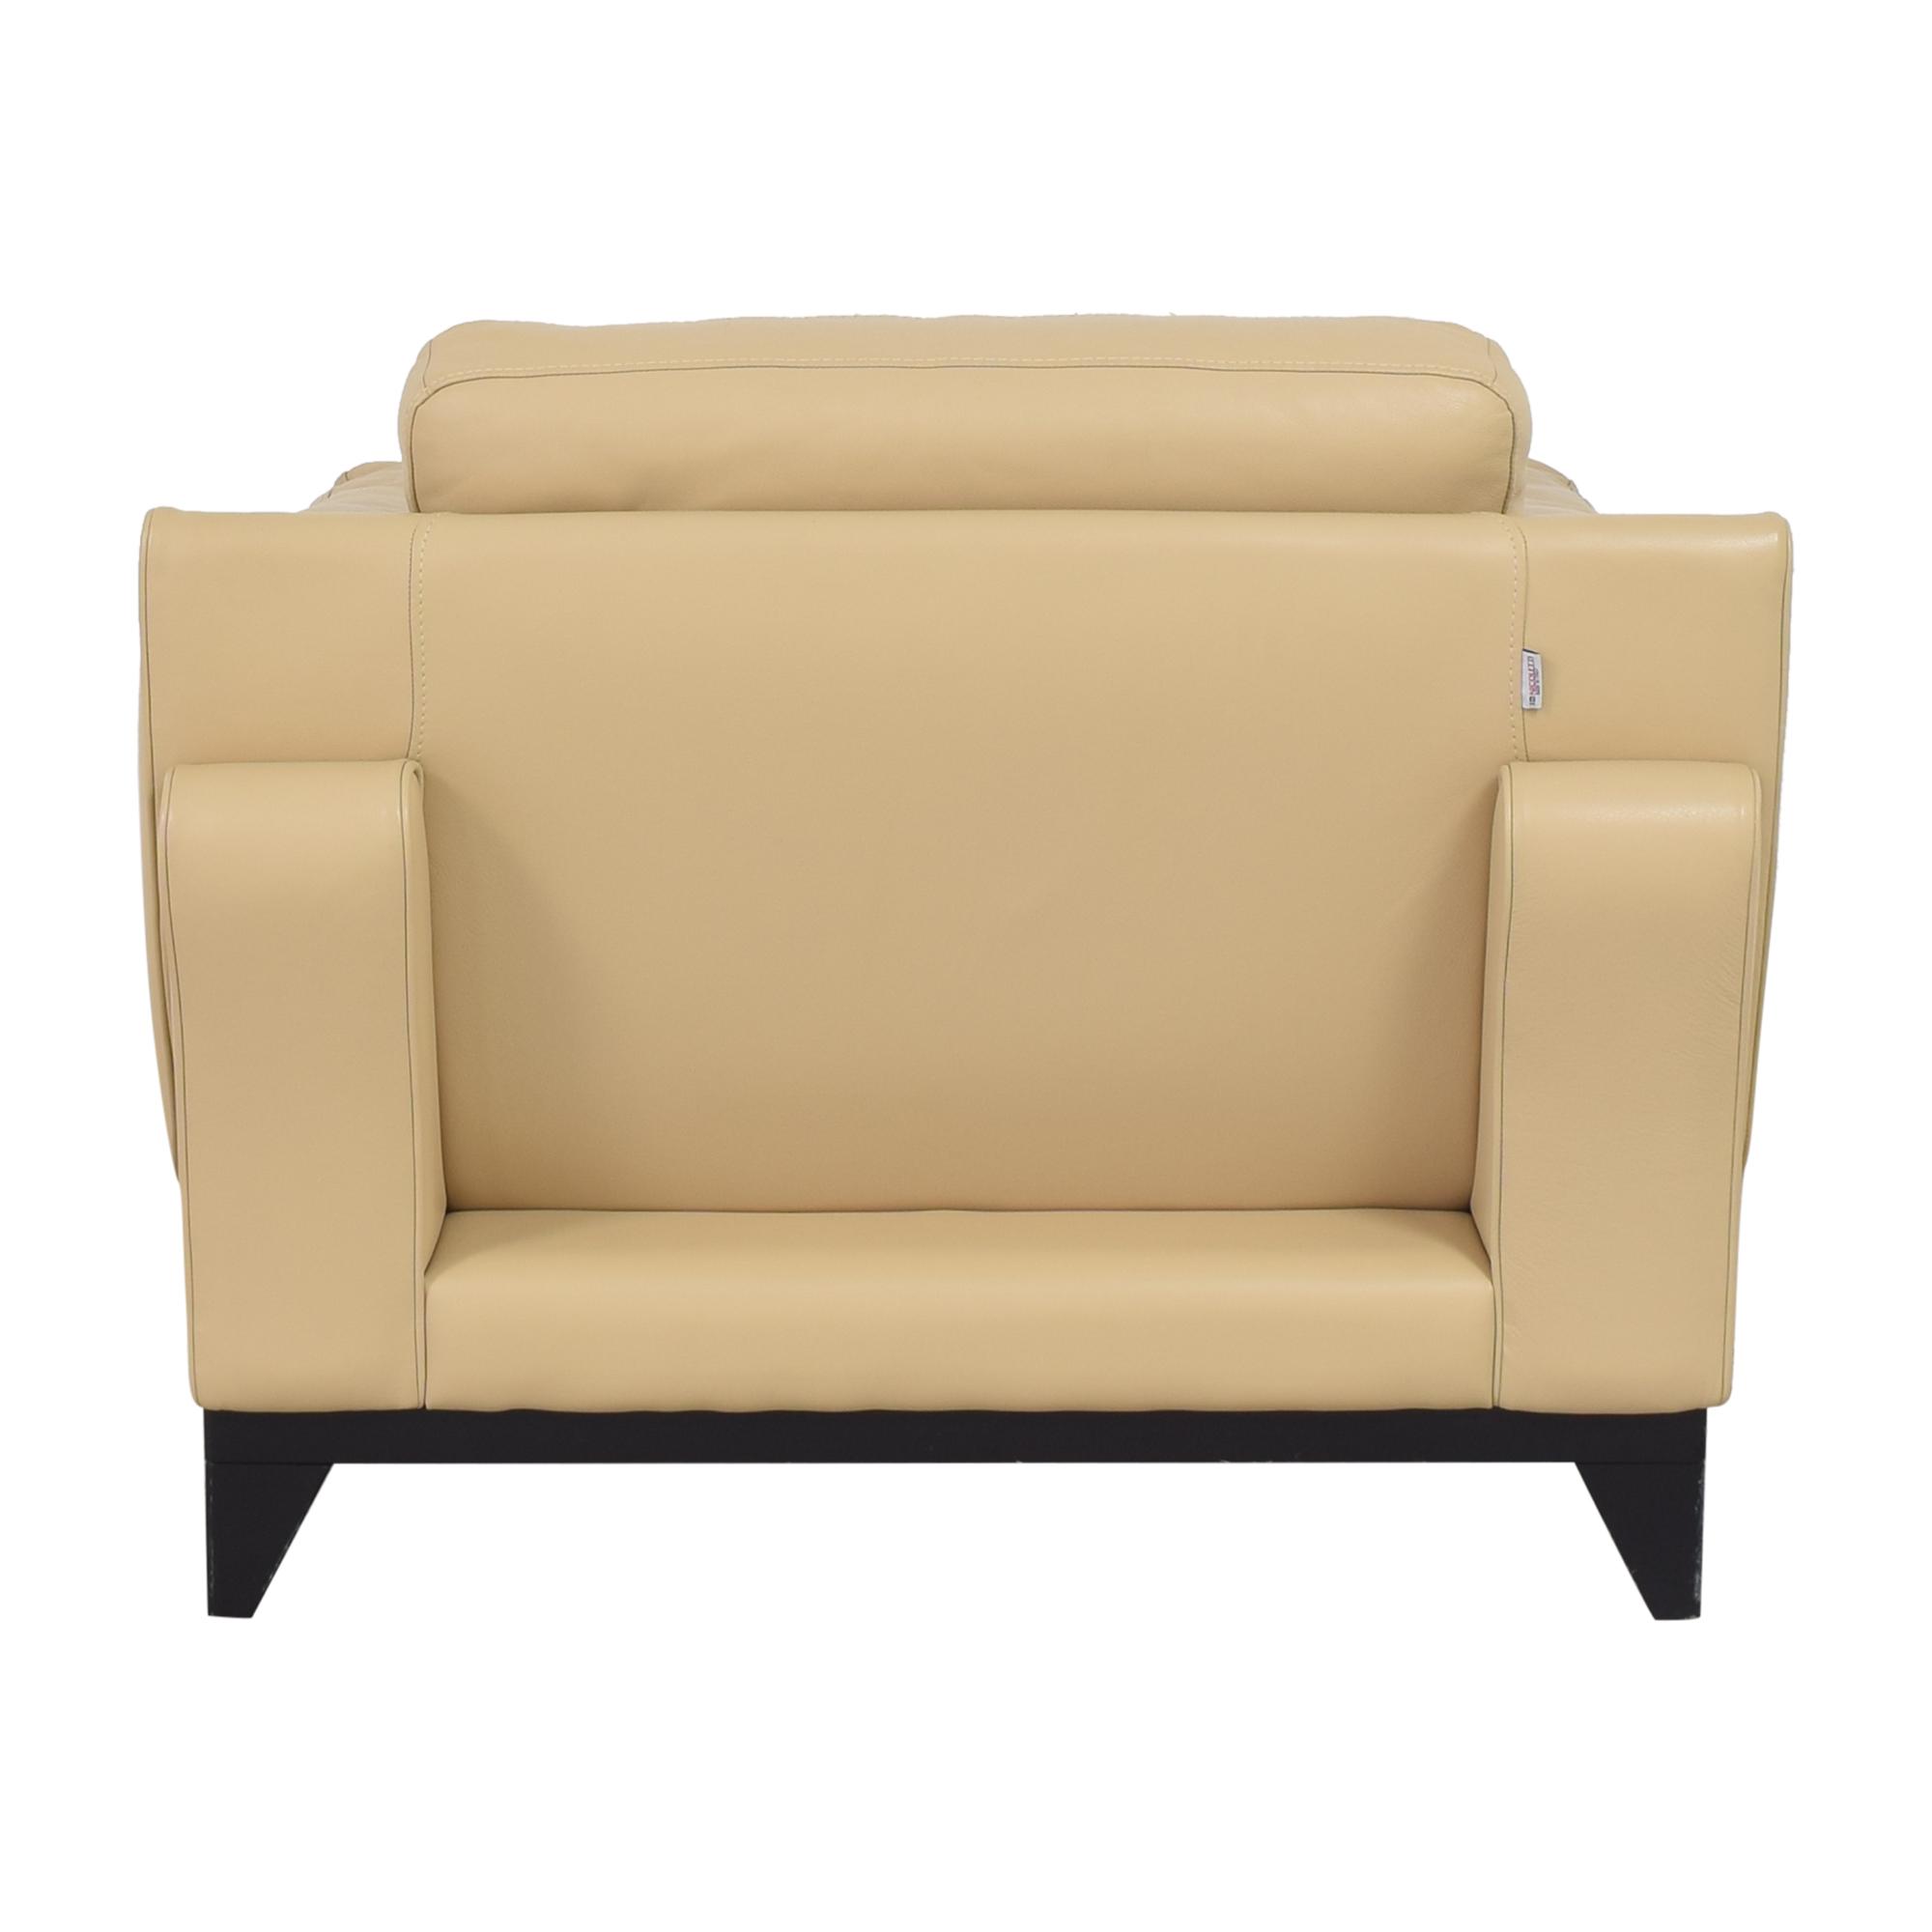 Nicoletti Home Nicoletti Home Accent Chair on sale